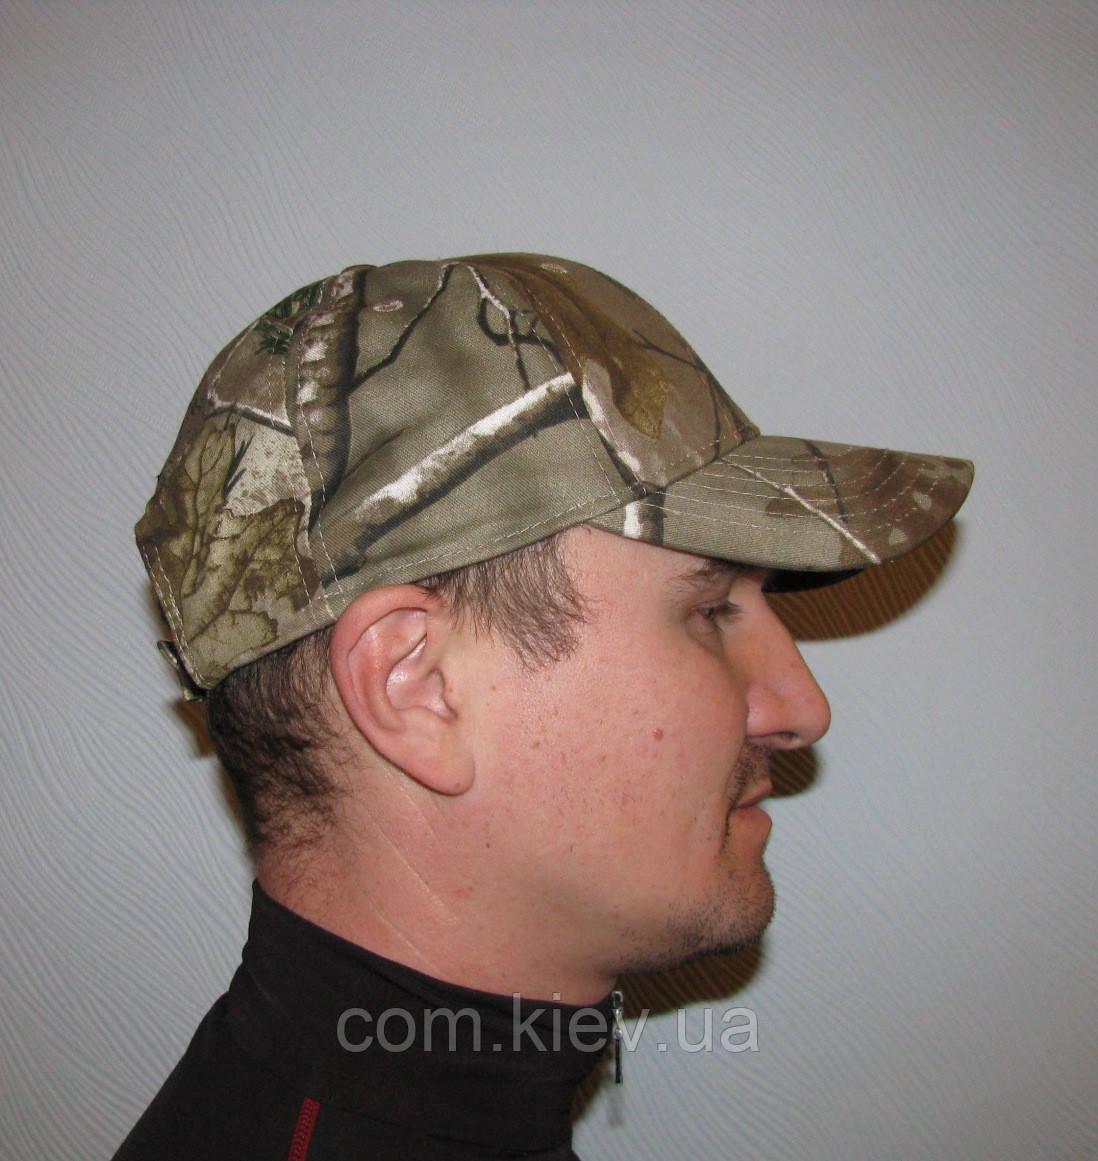 Кепка камуфлированная Remington, фото 1